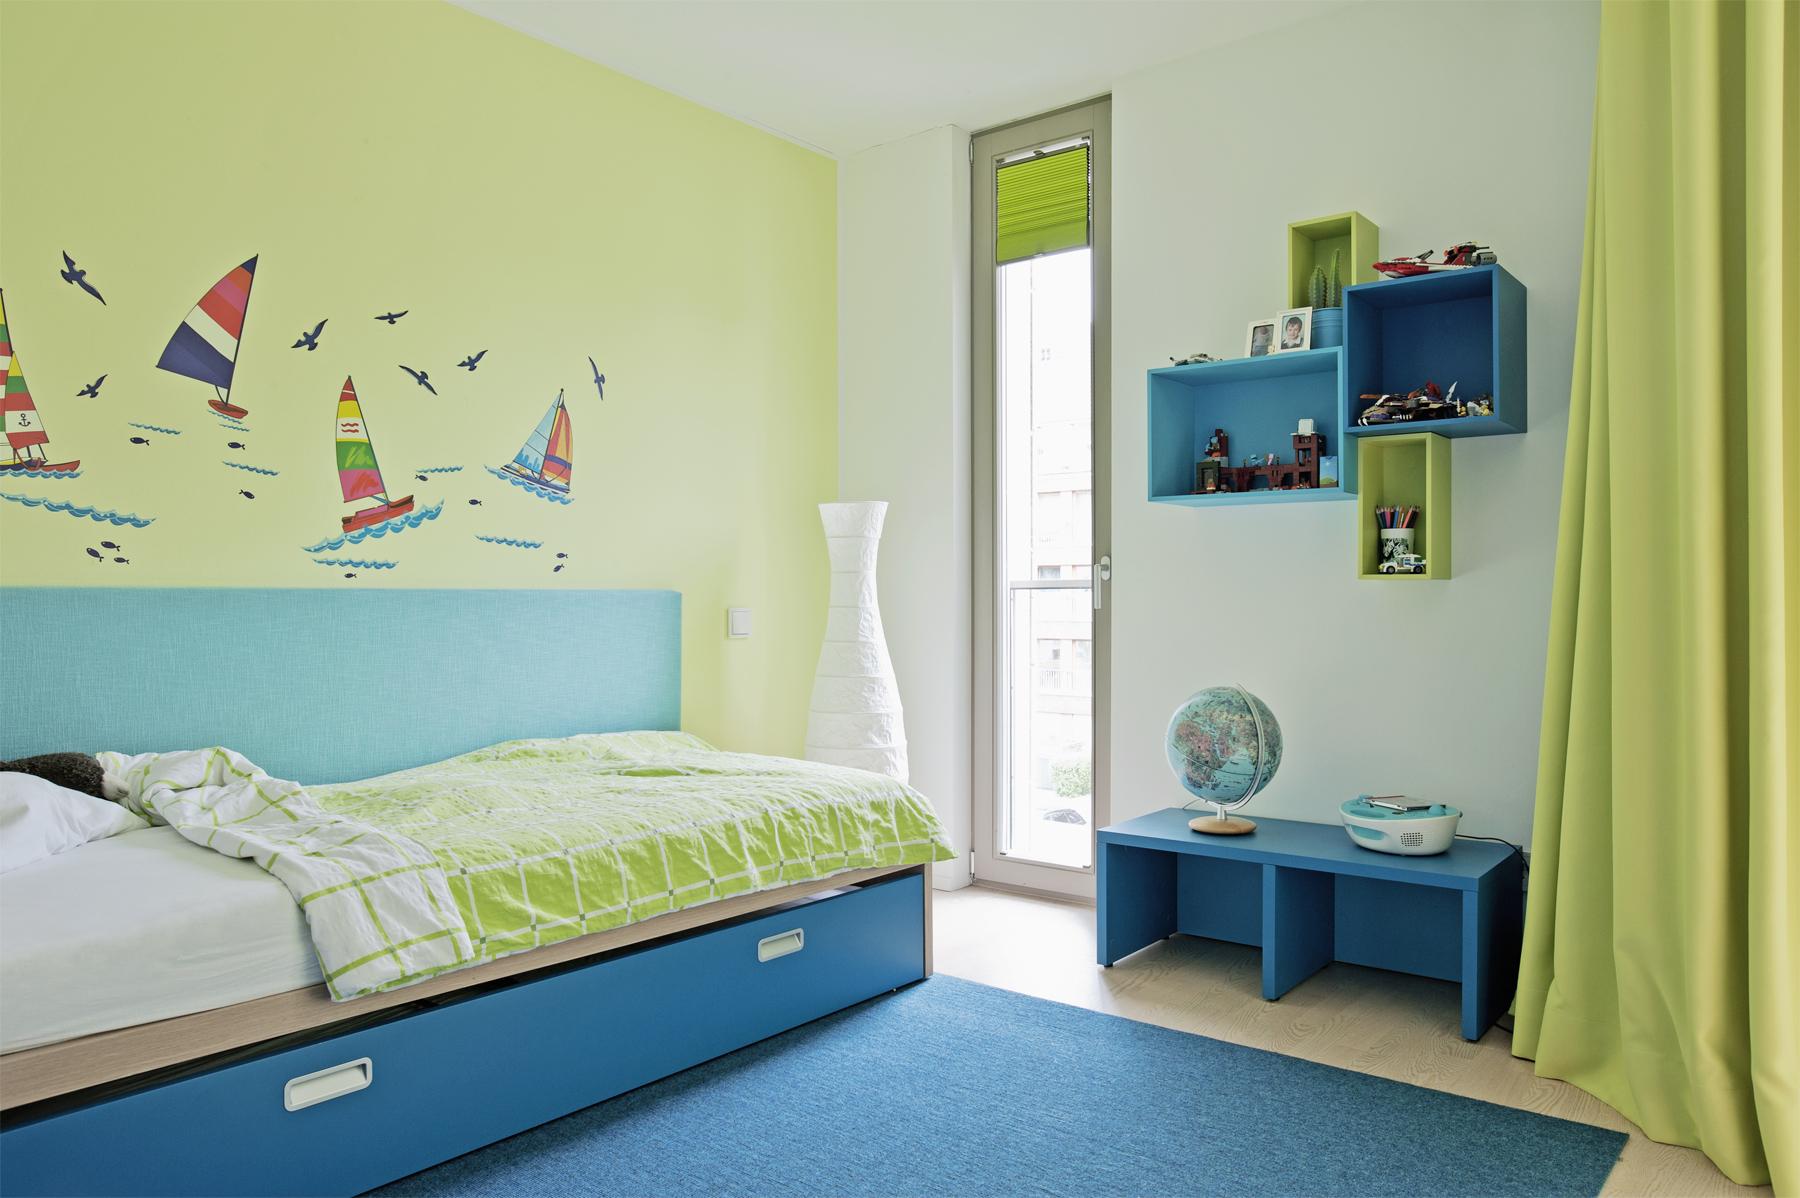 Full Size of Wandgestaltung Kinderzimmer Jungen Regal Weiß Regale Sofa Wohnzimmer Wandgestaltung Kinderzimmer Jungen